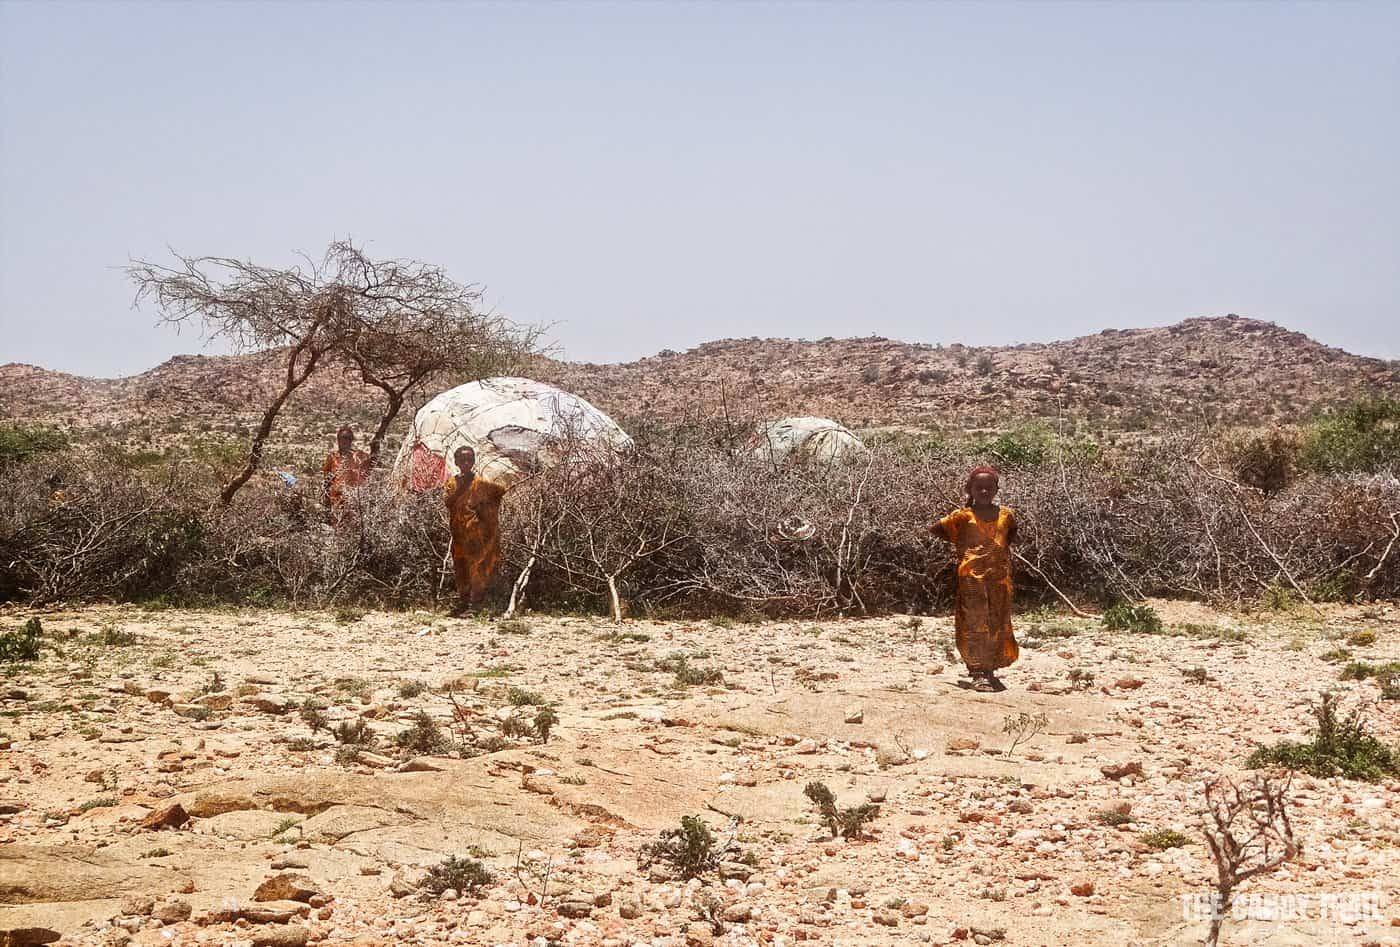 desert-family-hut-somaliland